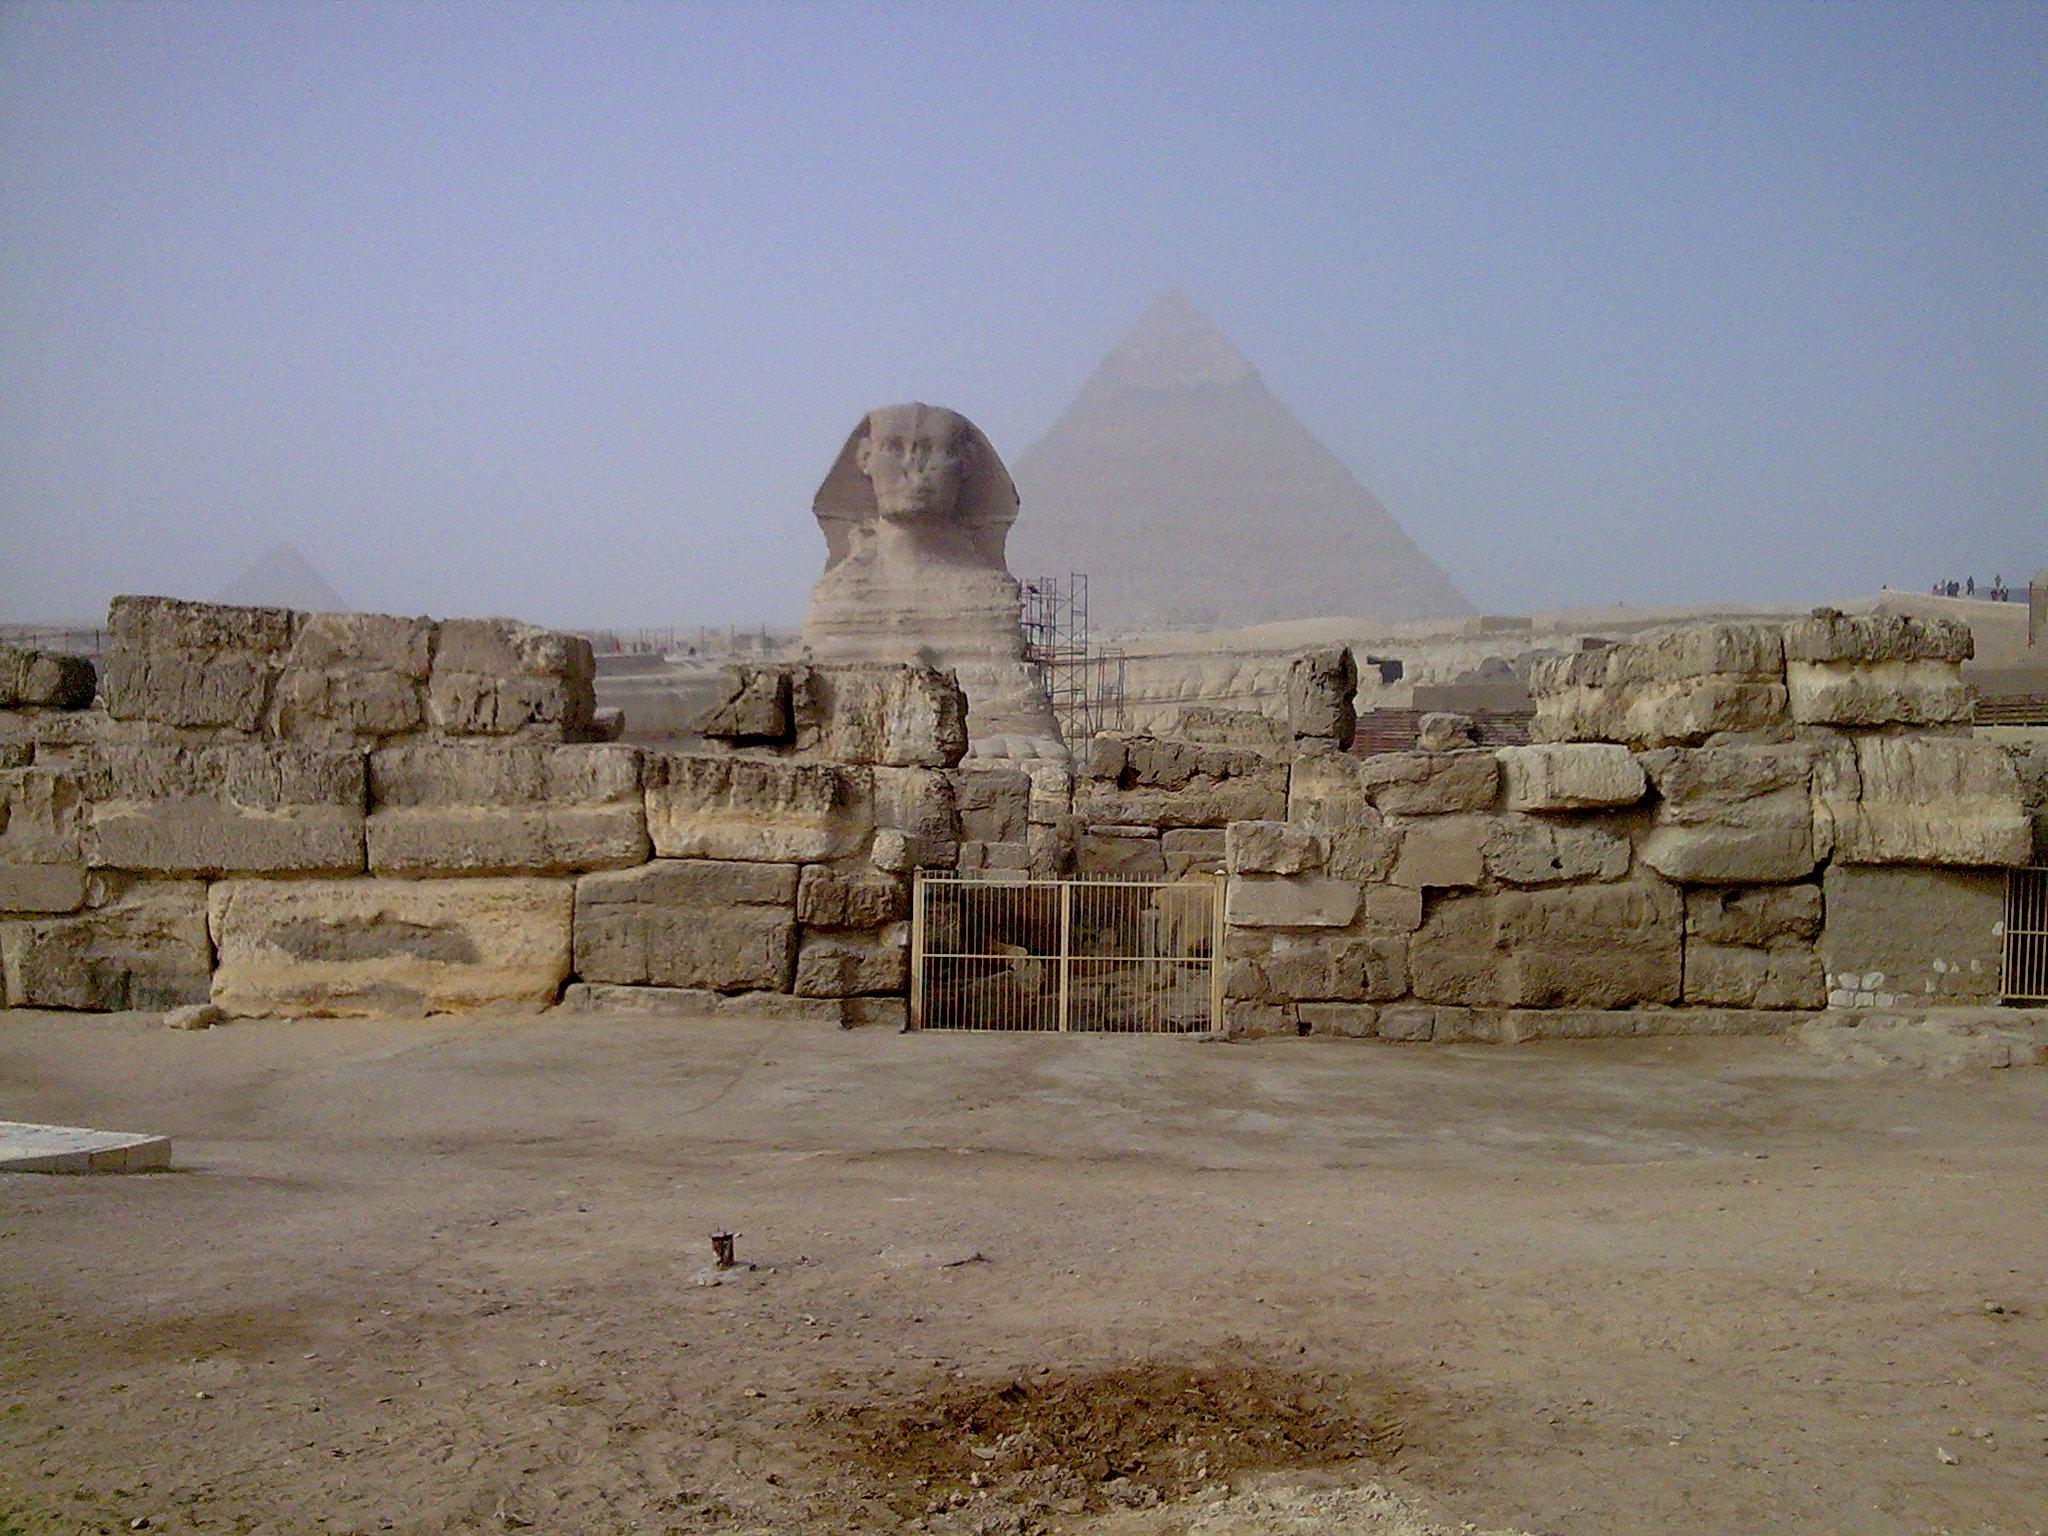 Sphinx und Pyramiden in Gizah, Ägypten